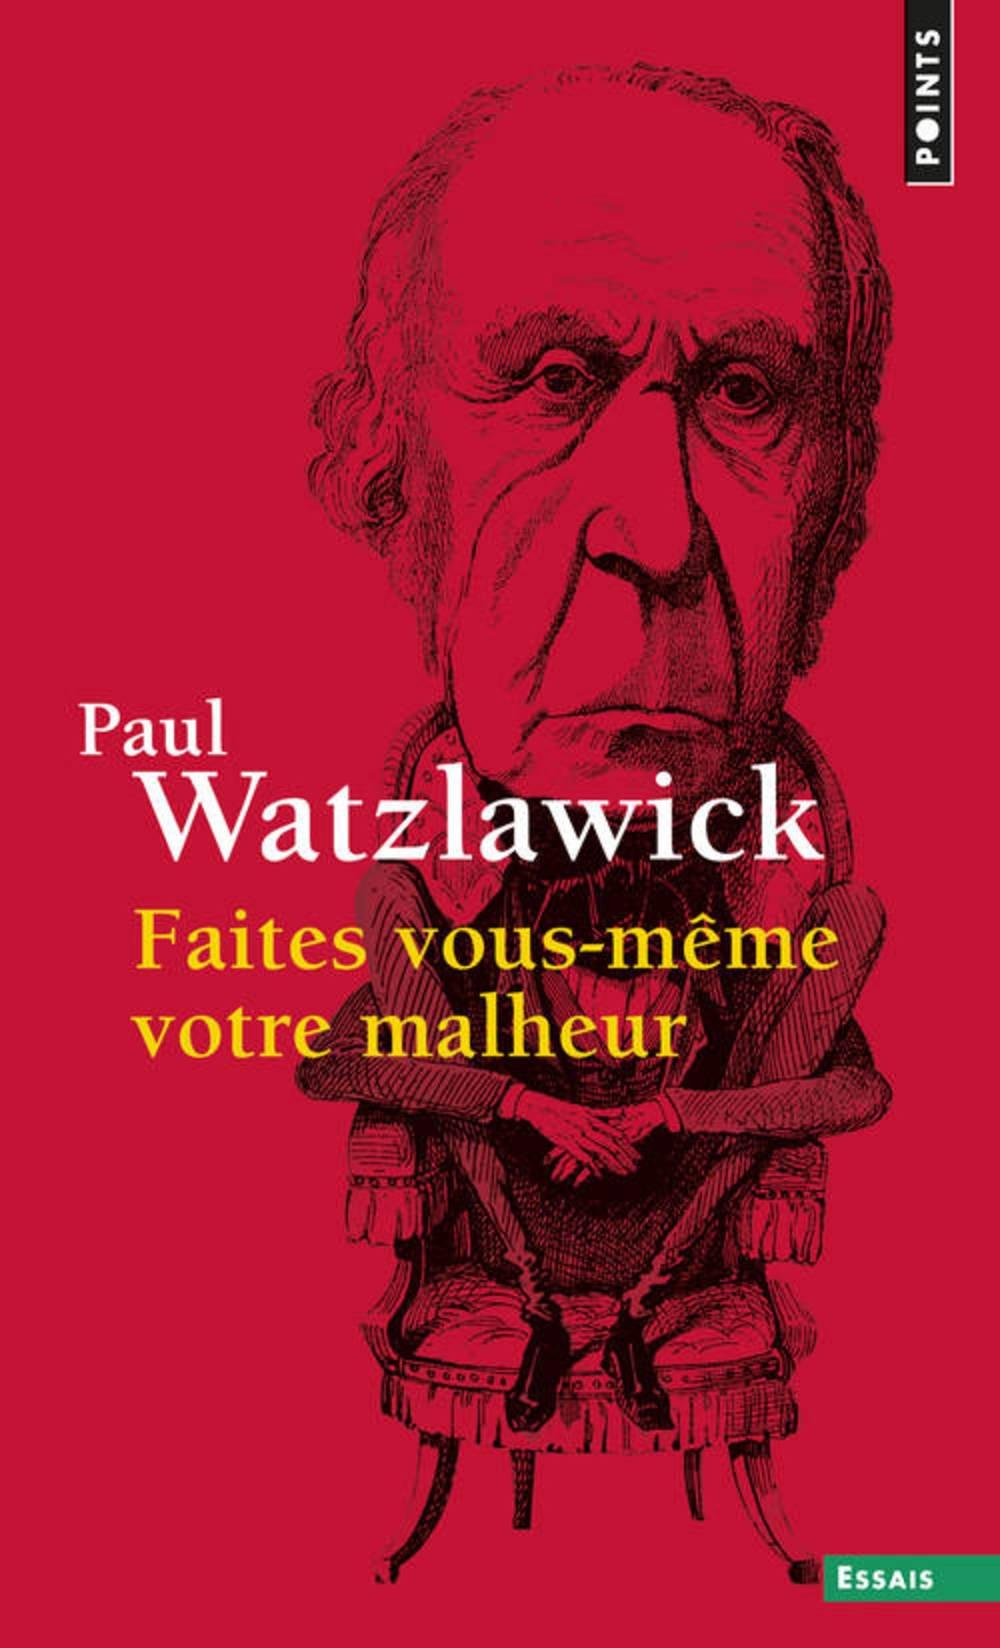 Faites vous-même votre malheur - Paul Watzlawick